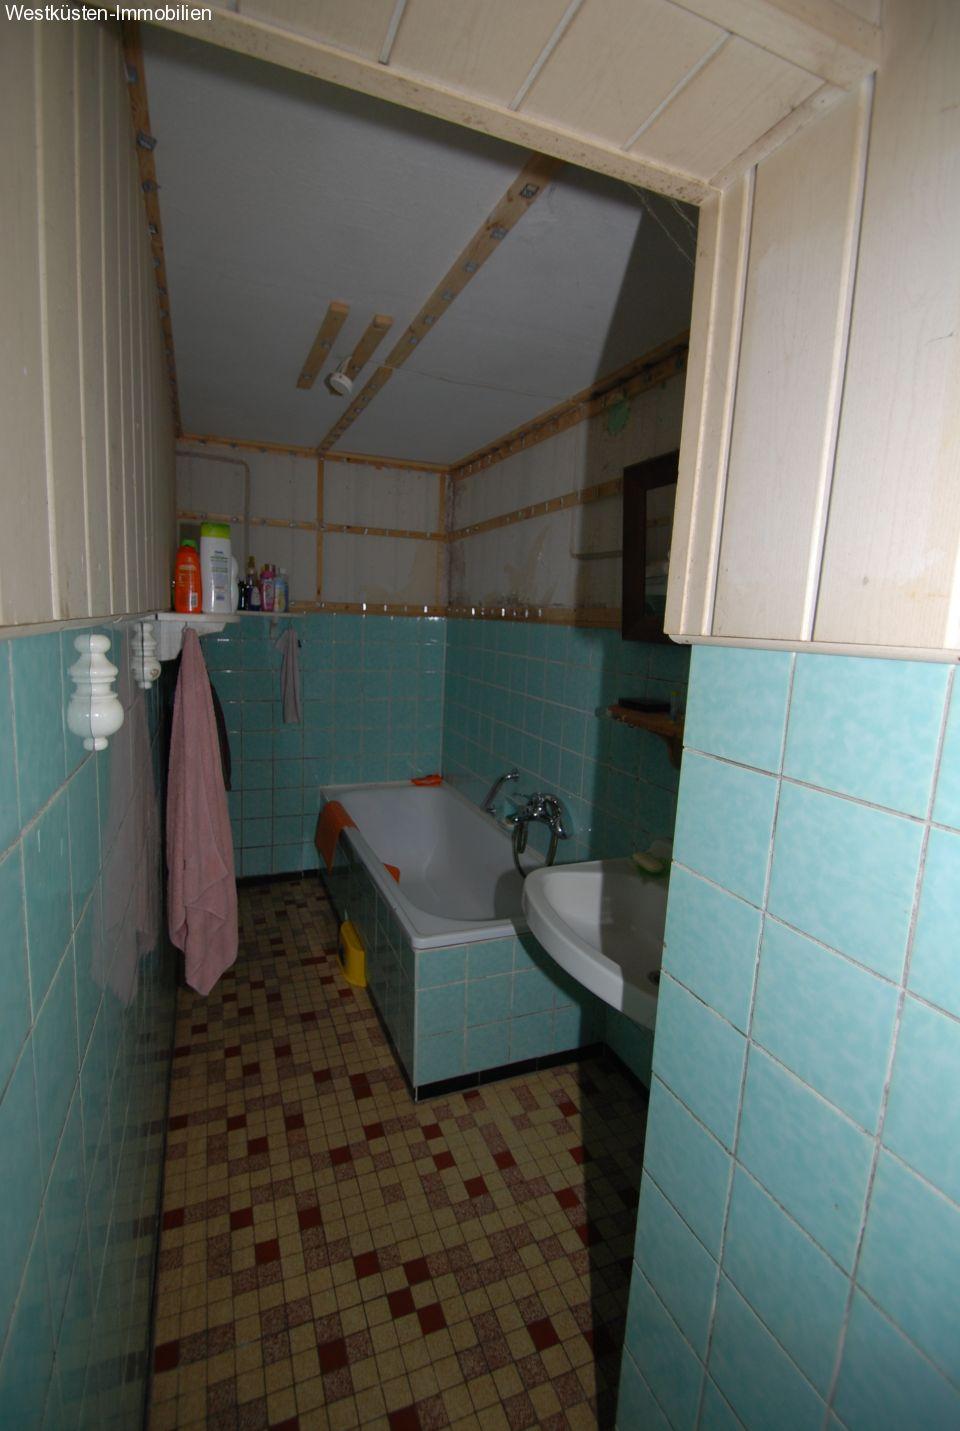 referenzen - friedrichskoog - für handwerker, Badezimmer ideen